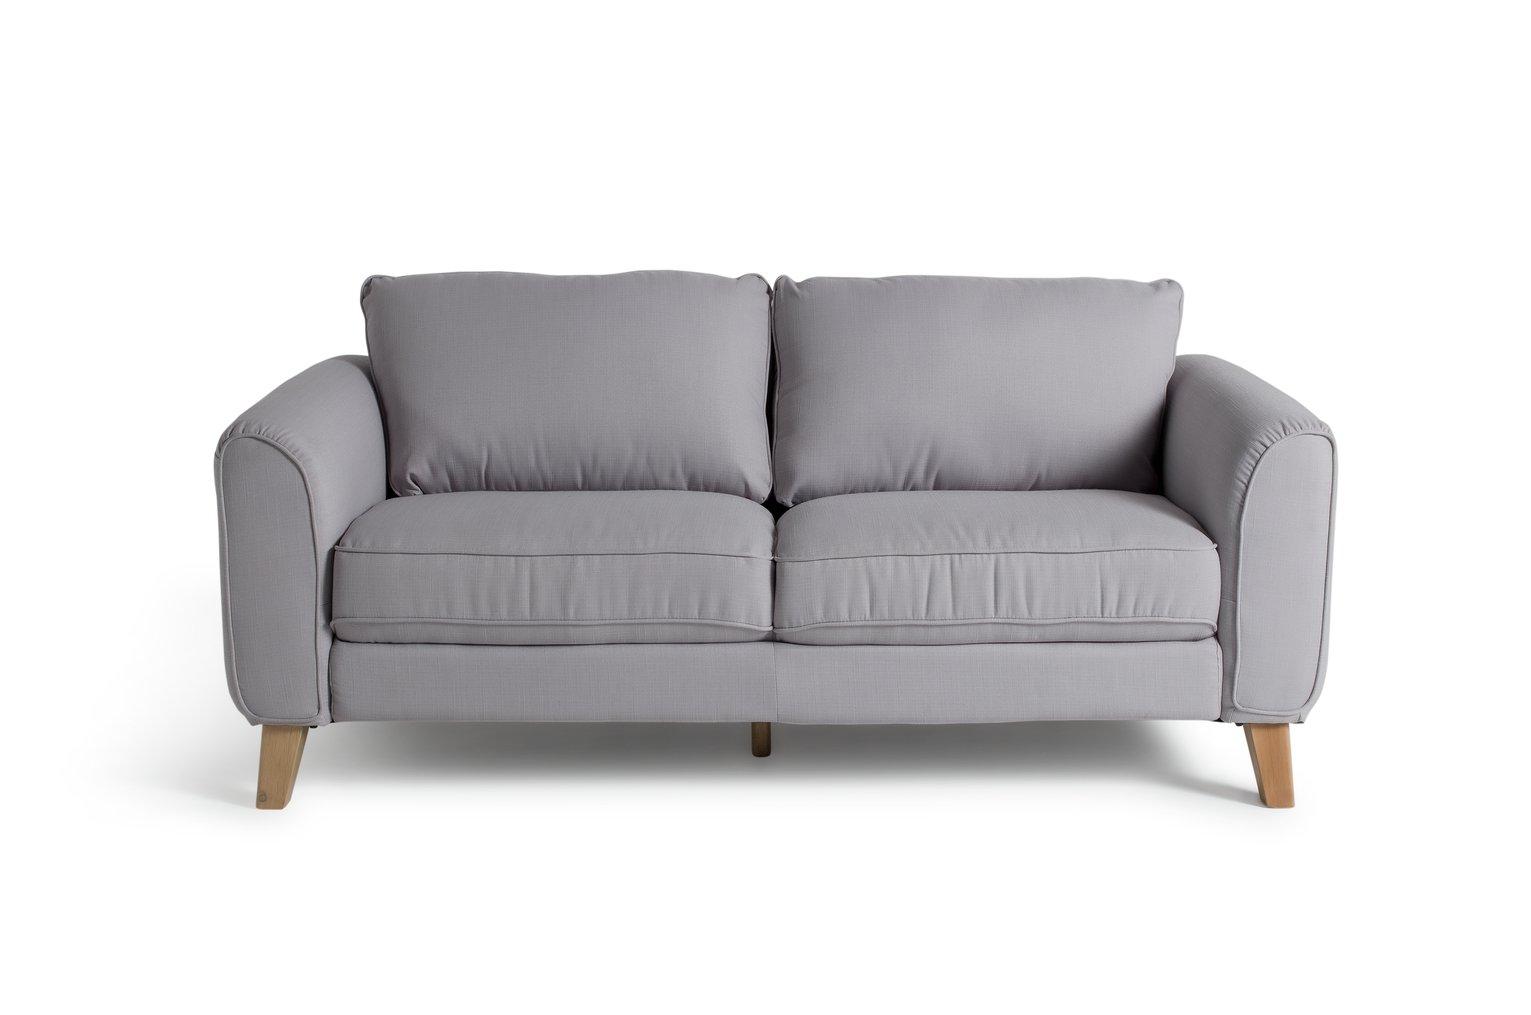 Habitat Cooper 3 Seater Fabric Sofa - Light Grey